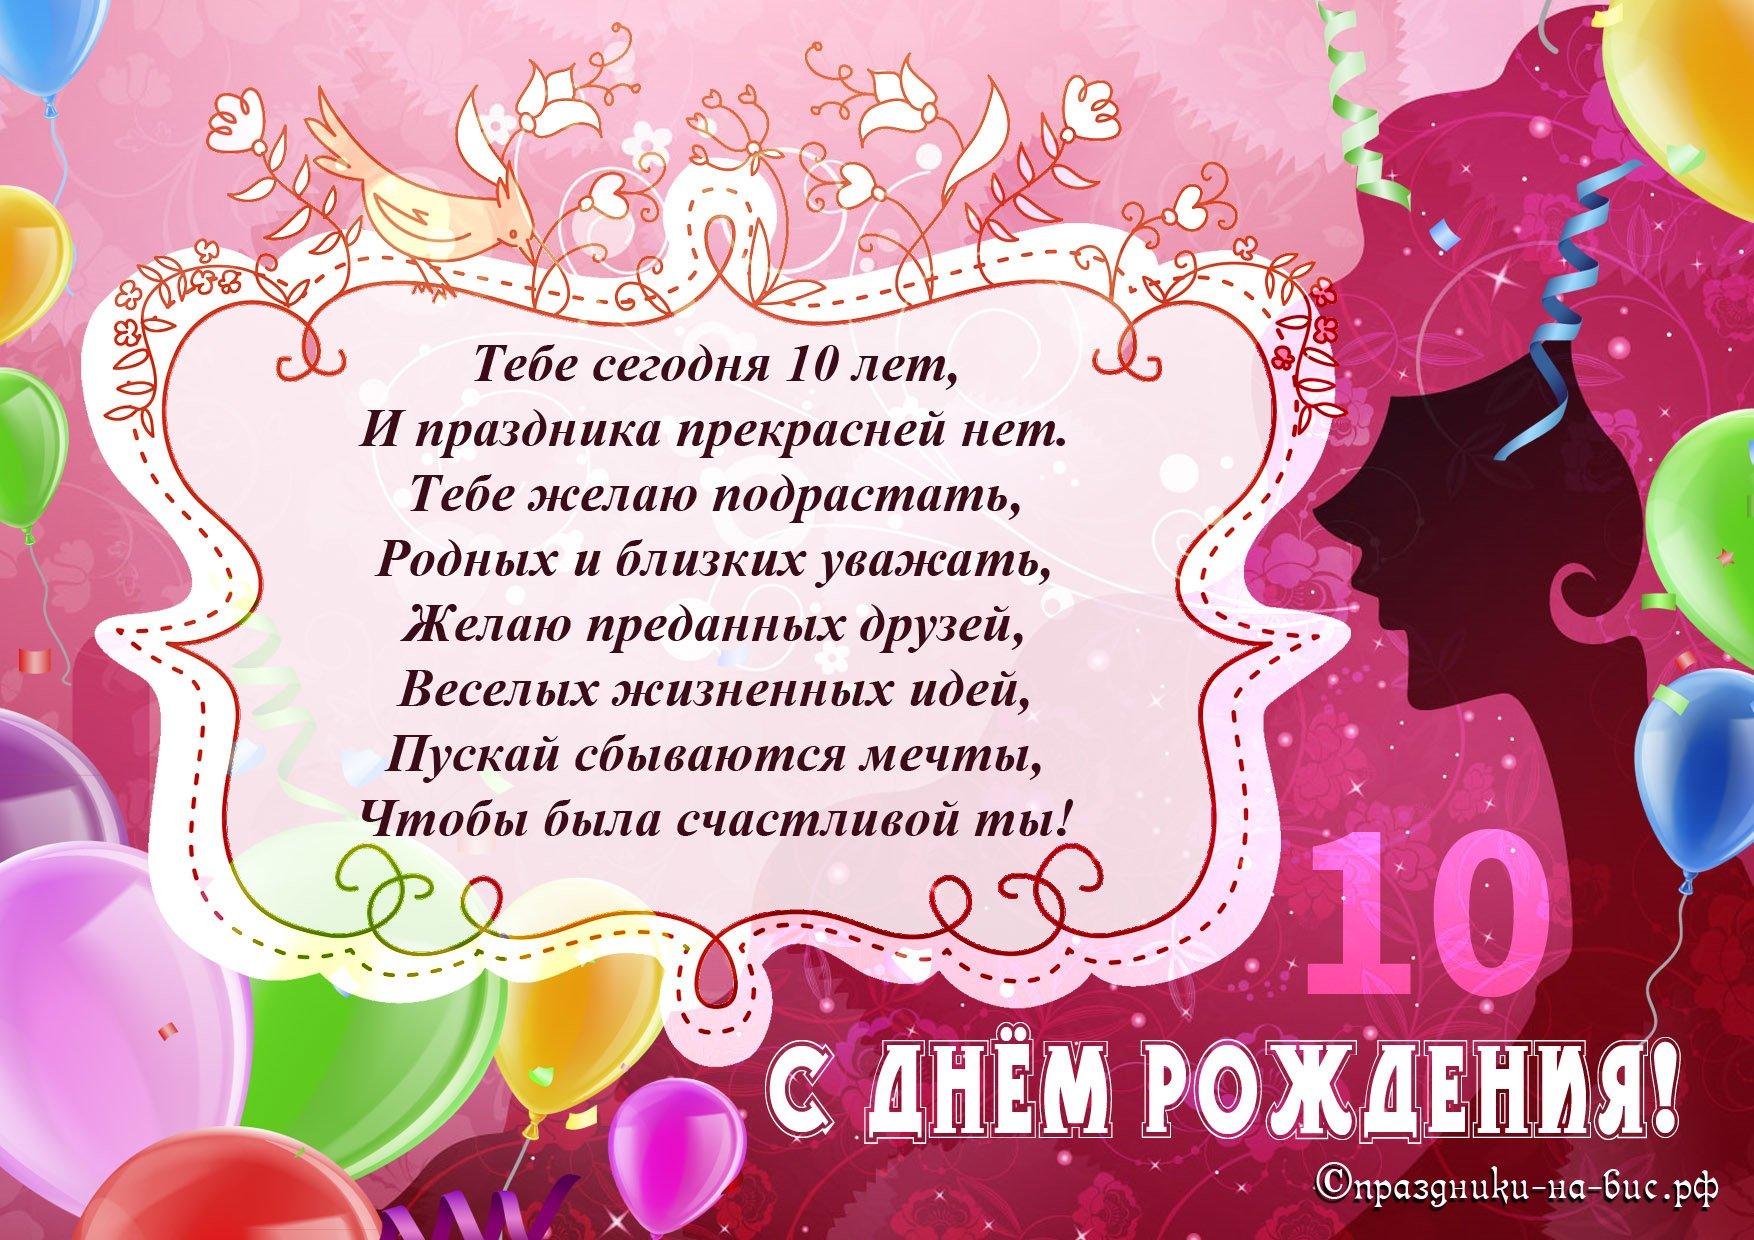 Поздравление девочке с днем рождения 10 лет в стихах